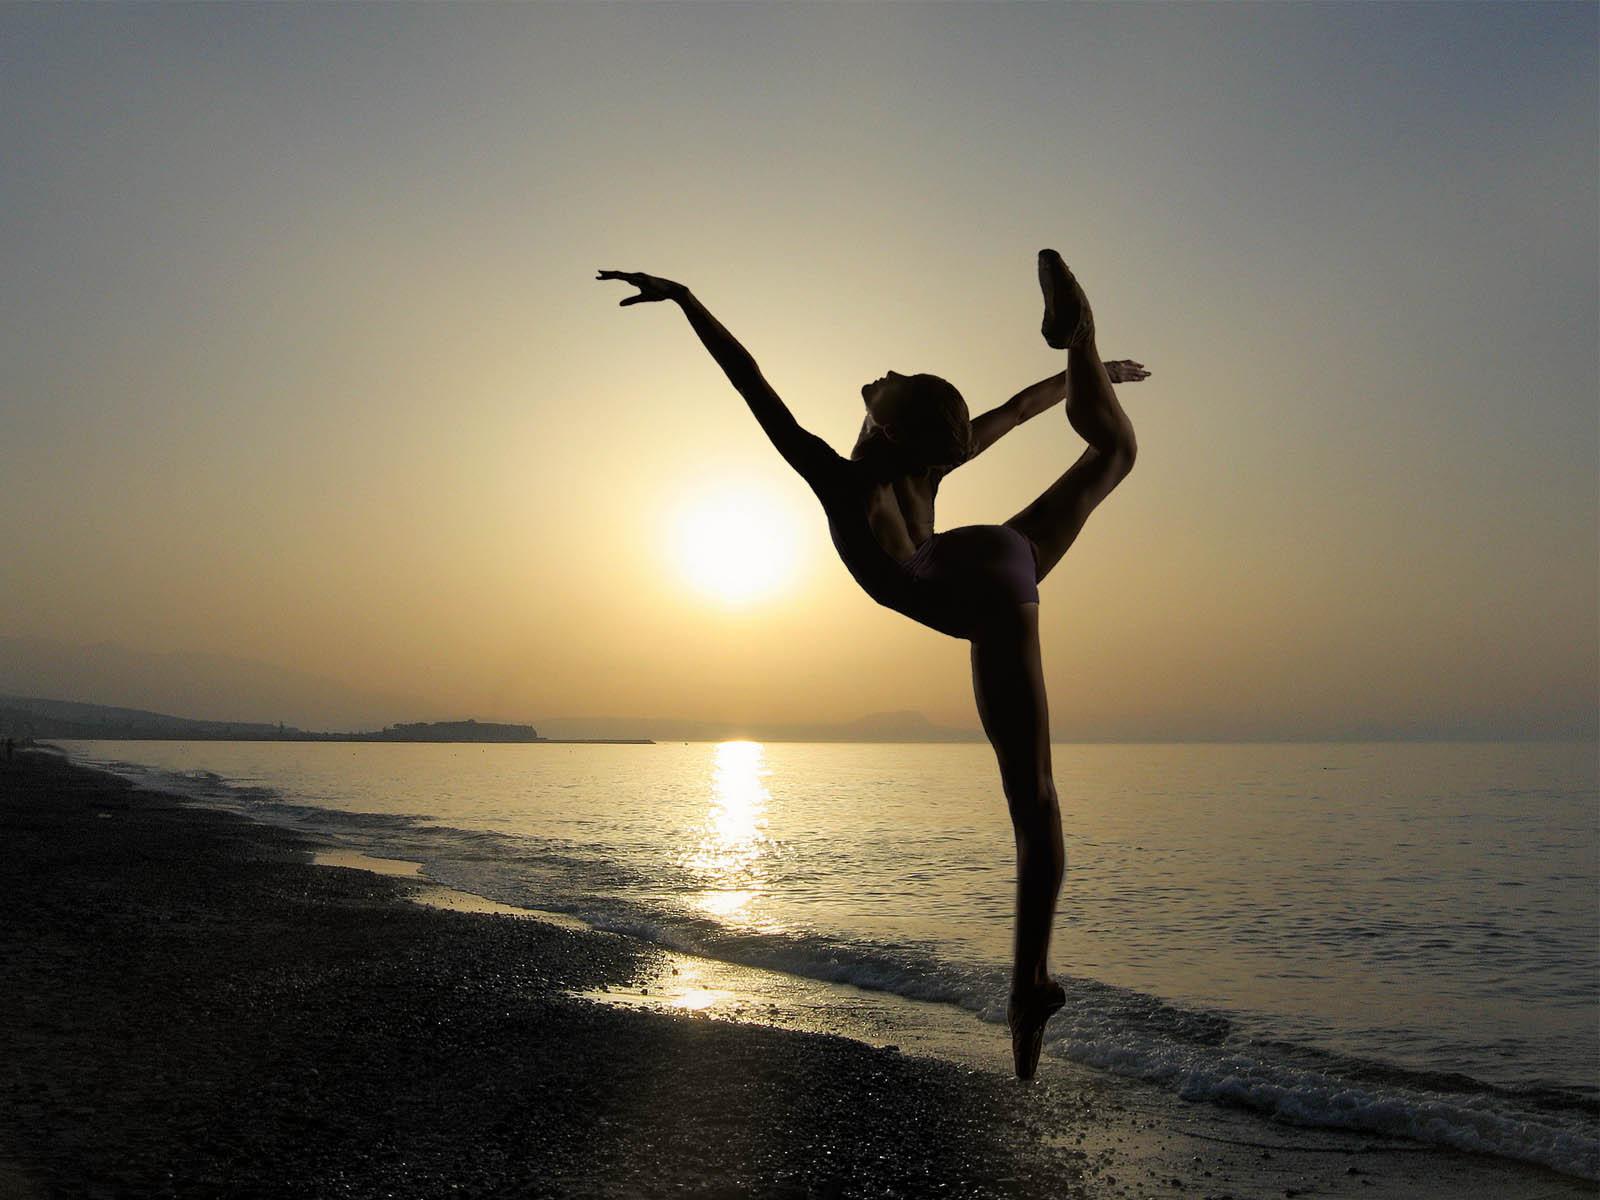 Неграми девушка танцует на пляже улице